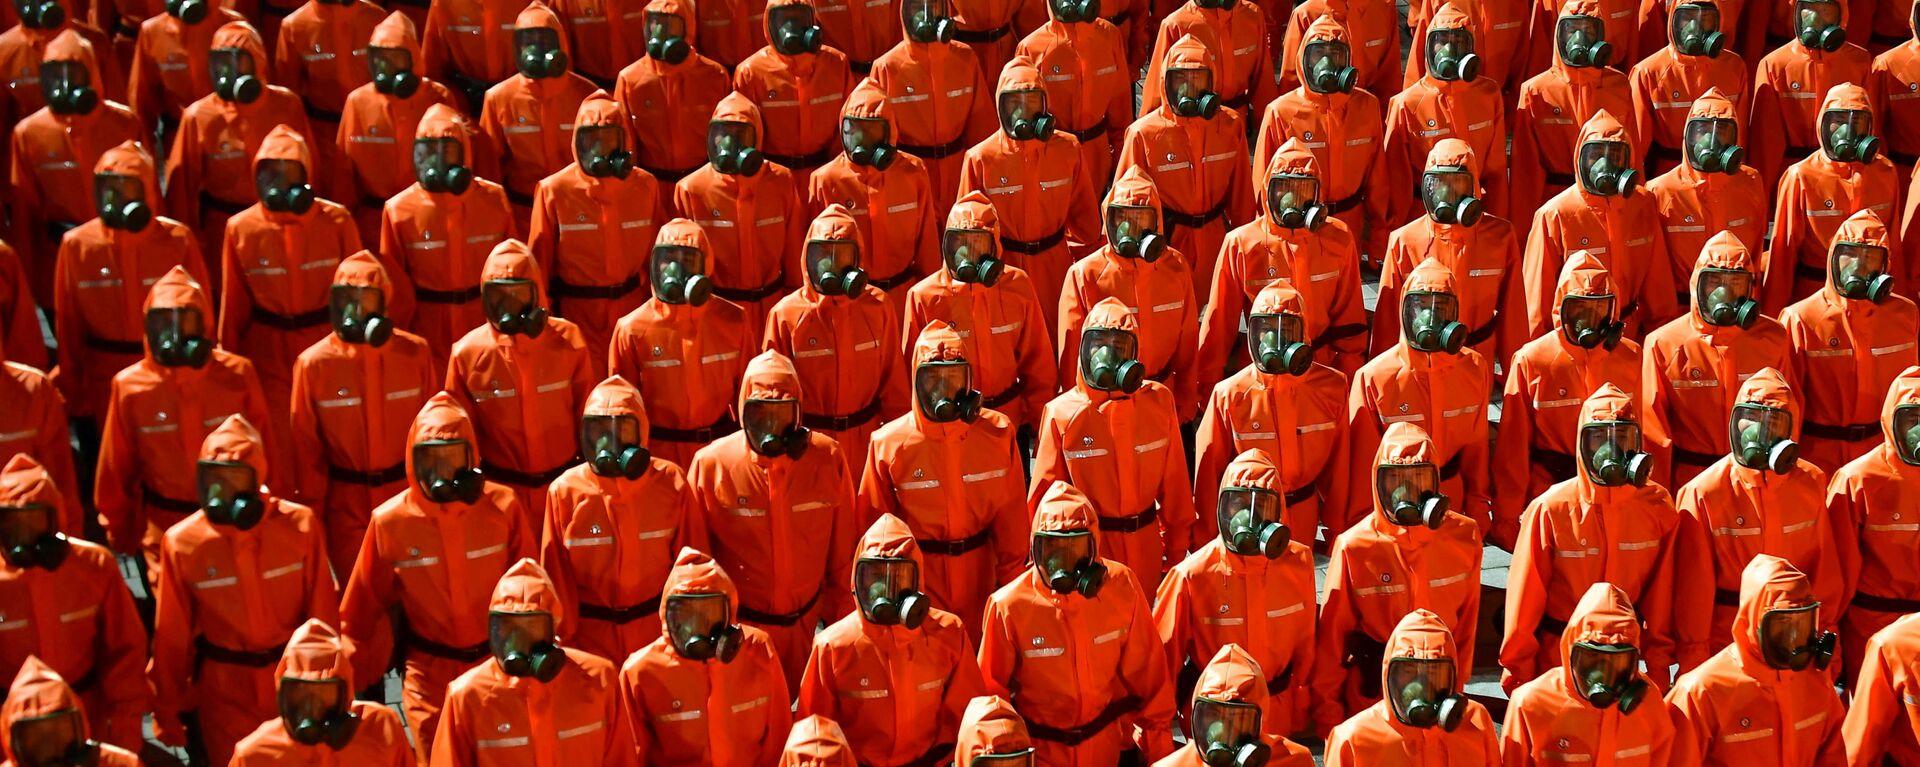 Военный парад в честь 73-й годовщины основания КНДР - Sputnik Mundo, 1920, 09.09.2021